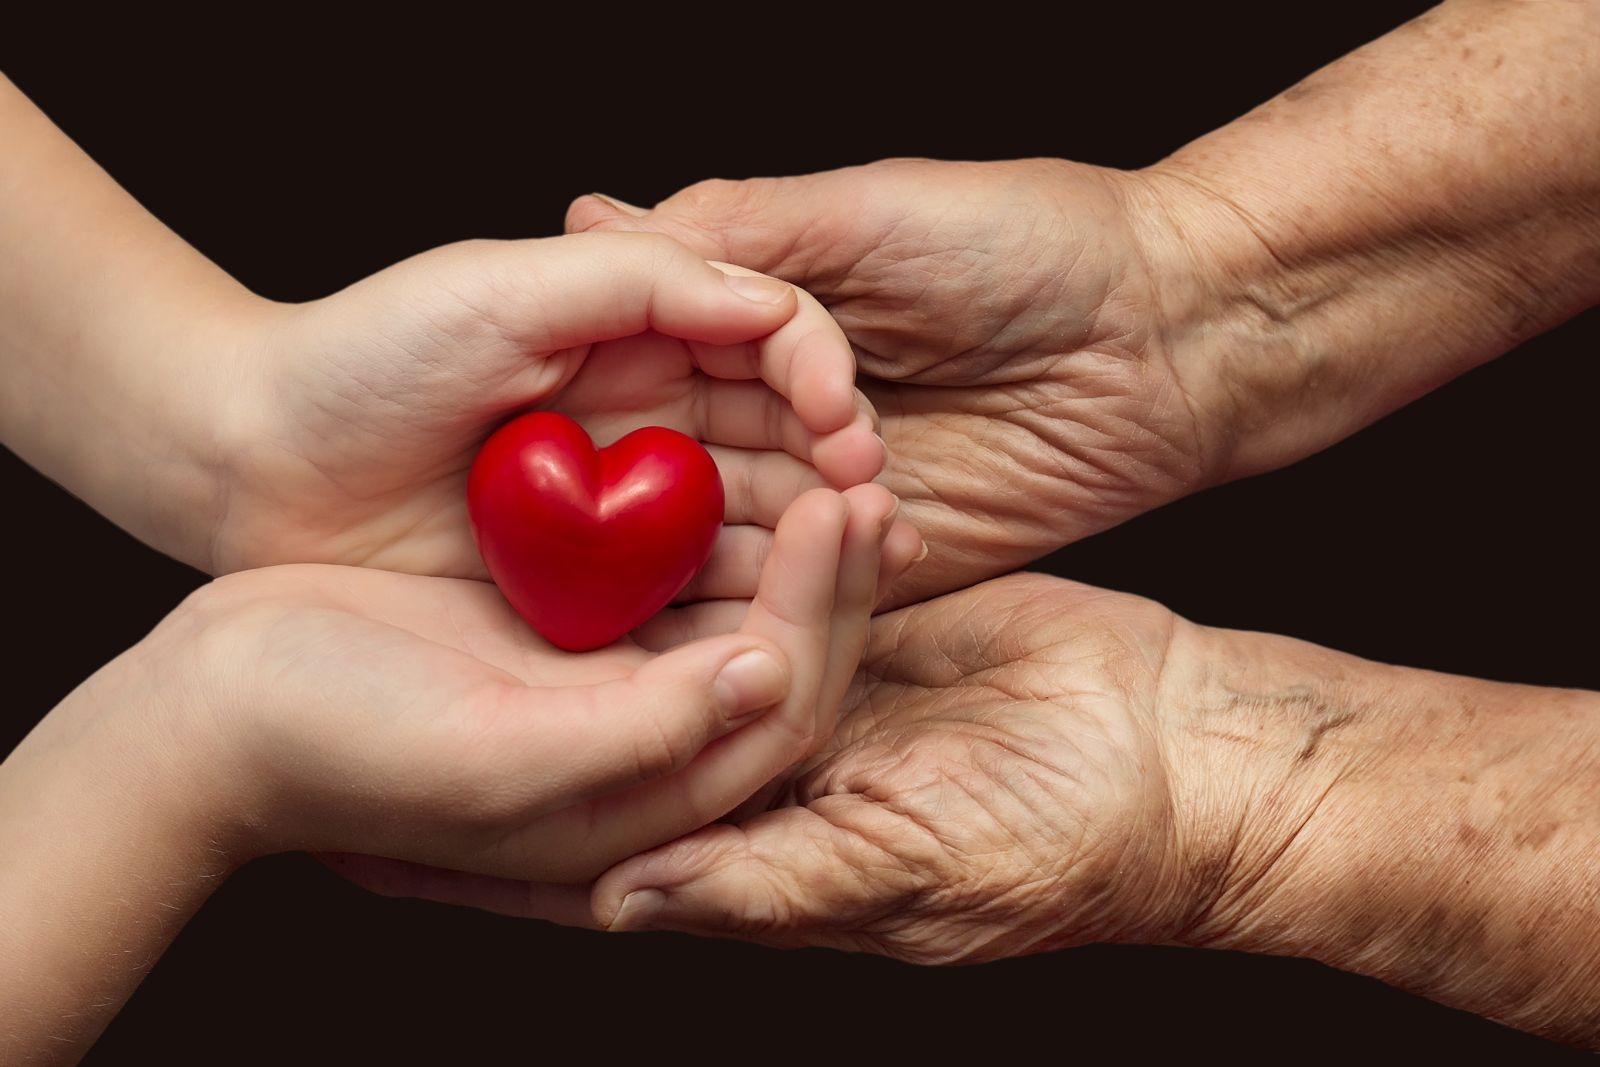 corazón en manos de un infante sostenida por un adulto mayor